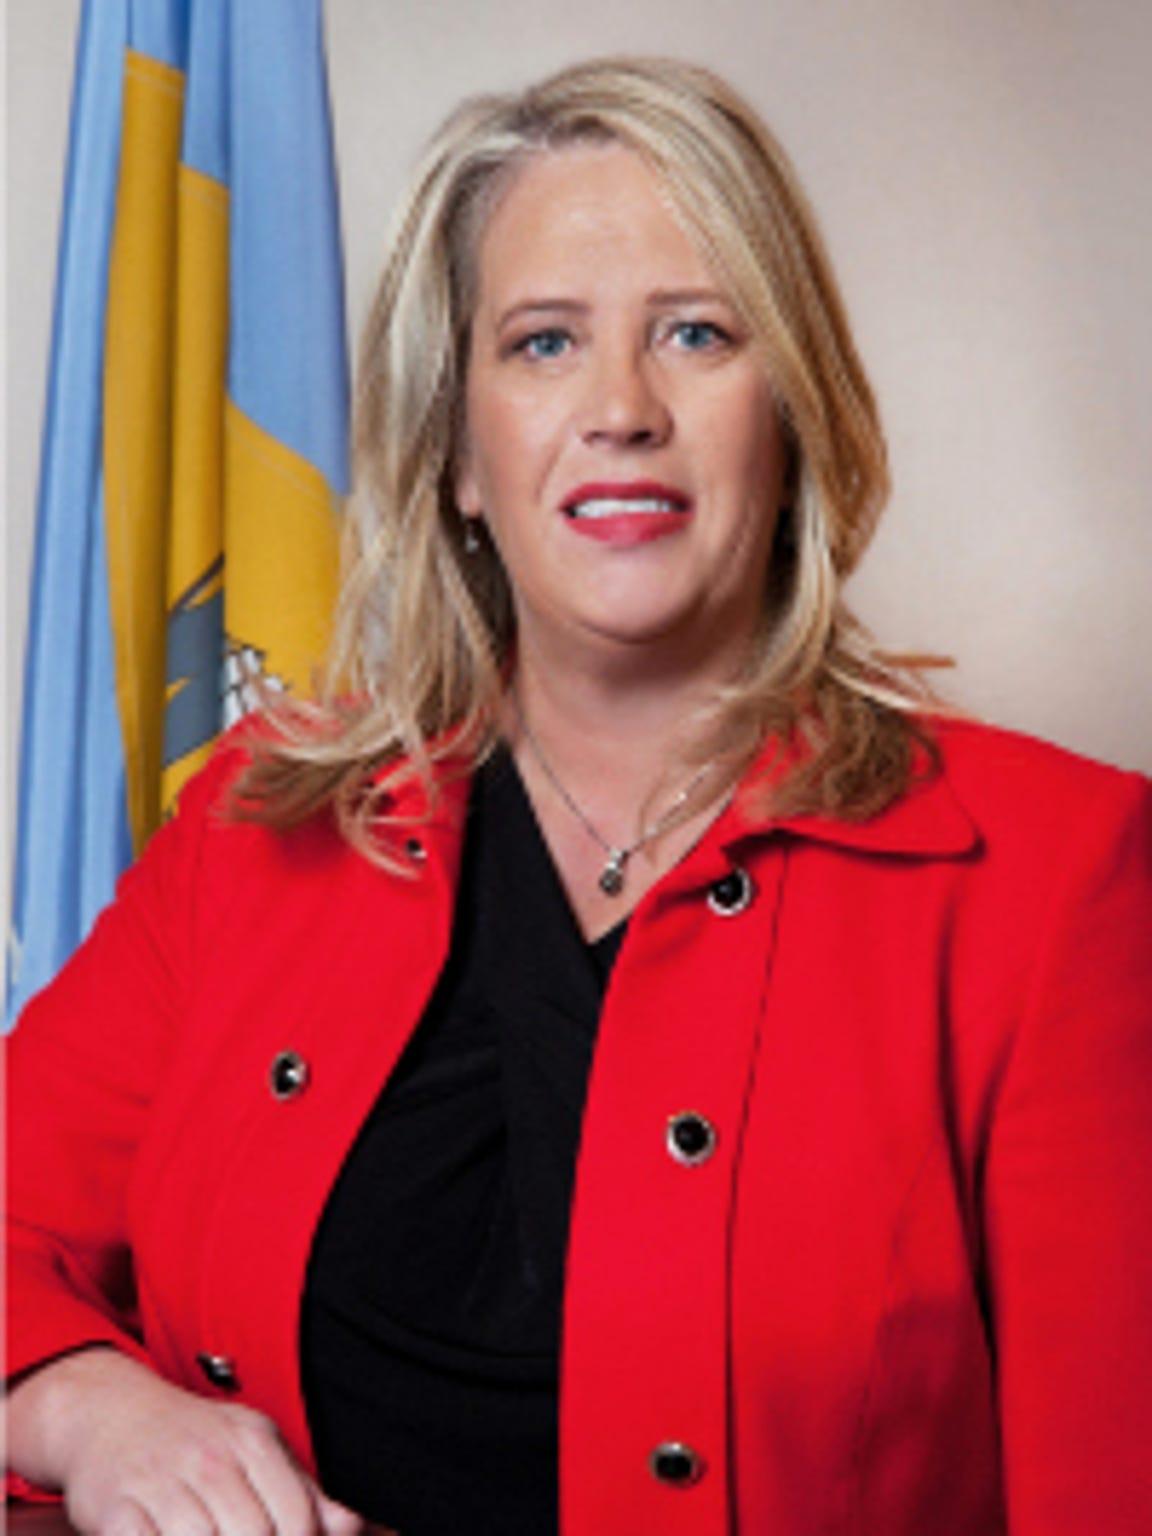 Helene Keeley